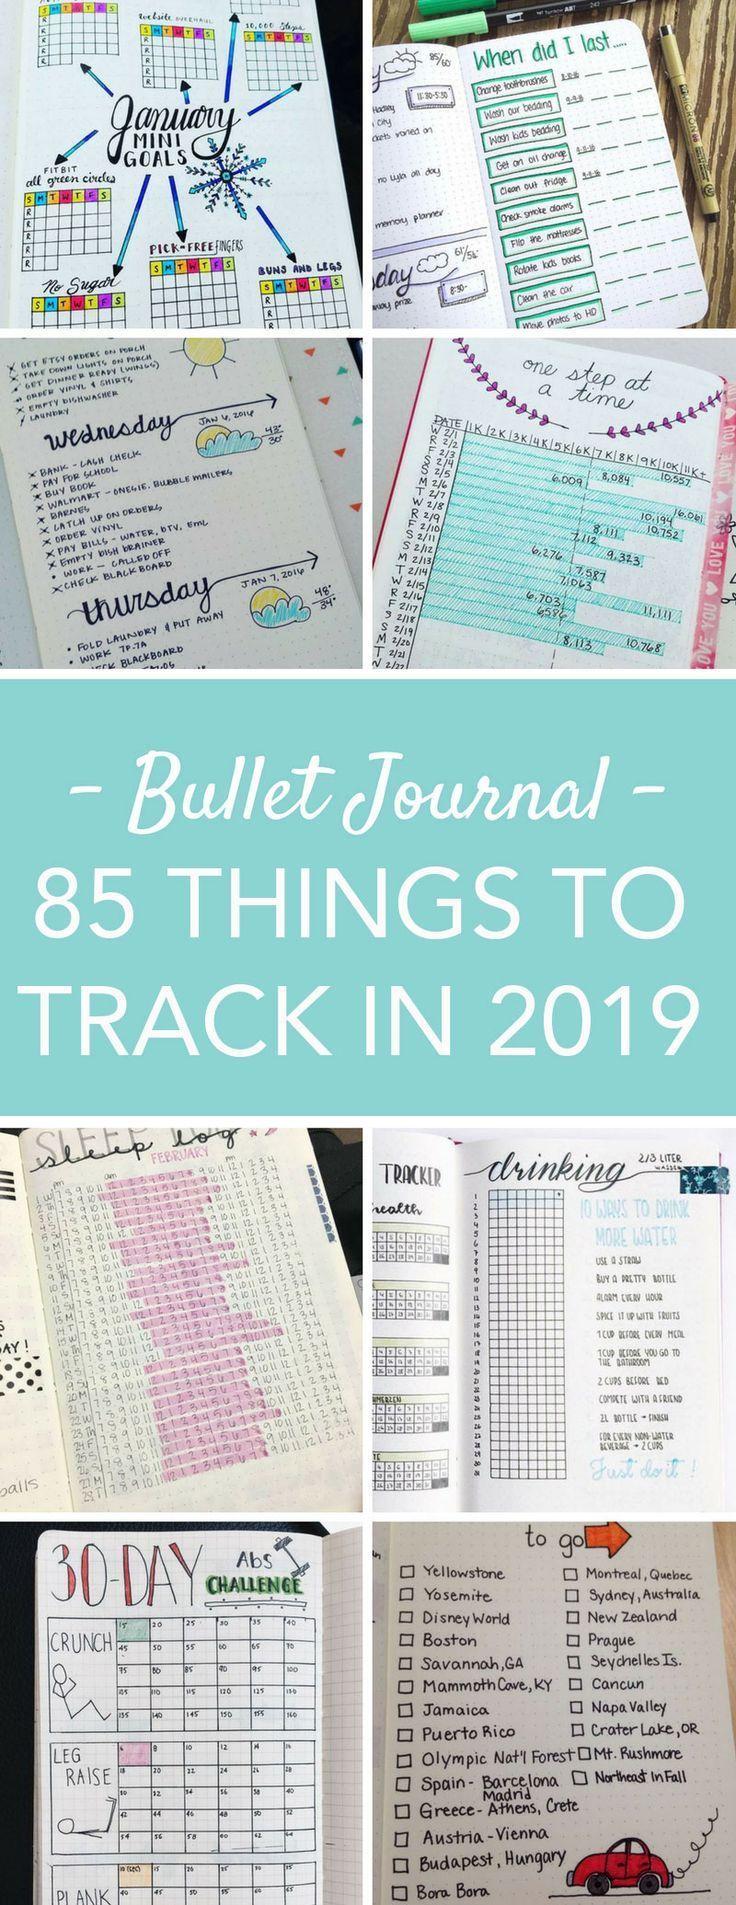 Die ULTIMATE-Liste der Bullet Journal-Sendungen und Sammlungen – 85 Dinge - #Bullet #Der #die #Dinge #JournalSendungen #layout #Sammlungen #ULTIMATEListe #und #bulletjournaling